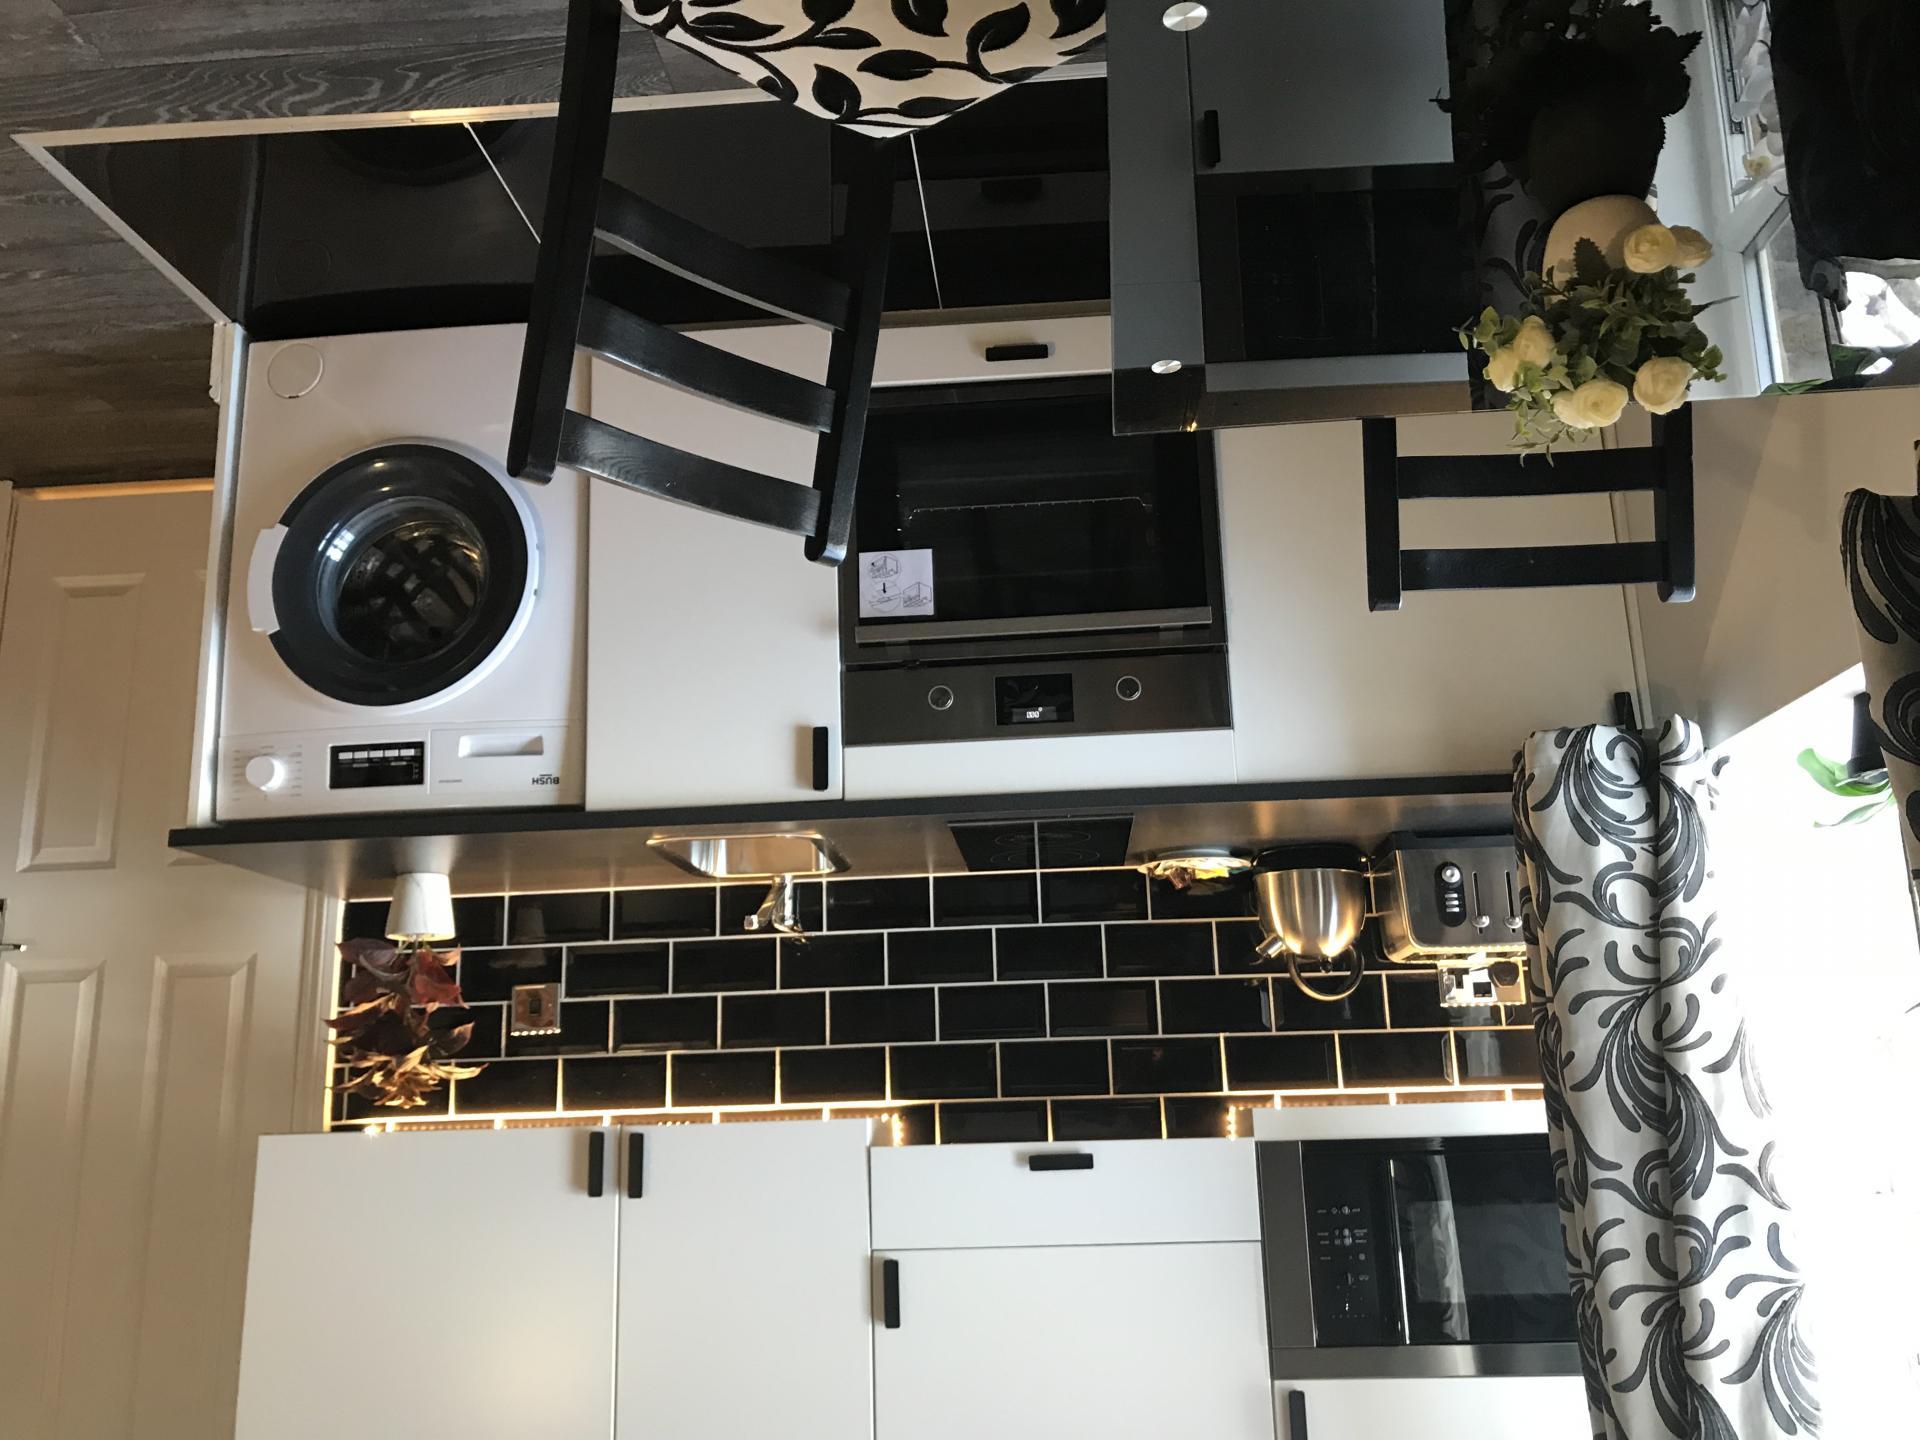 Black subway tiles at So Hammersmith Apartments - Citybase Apartments